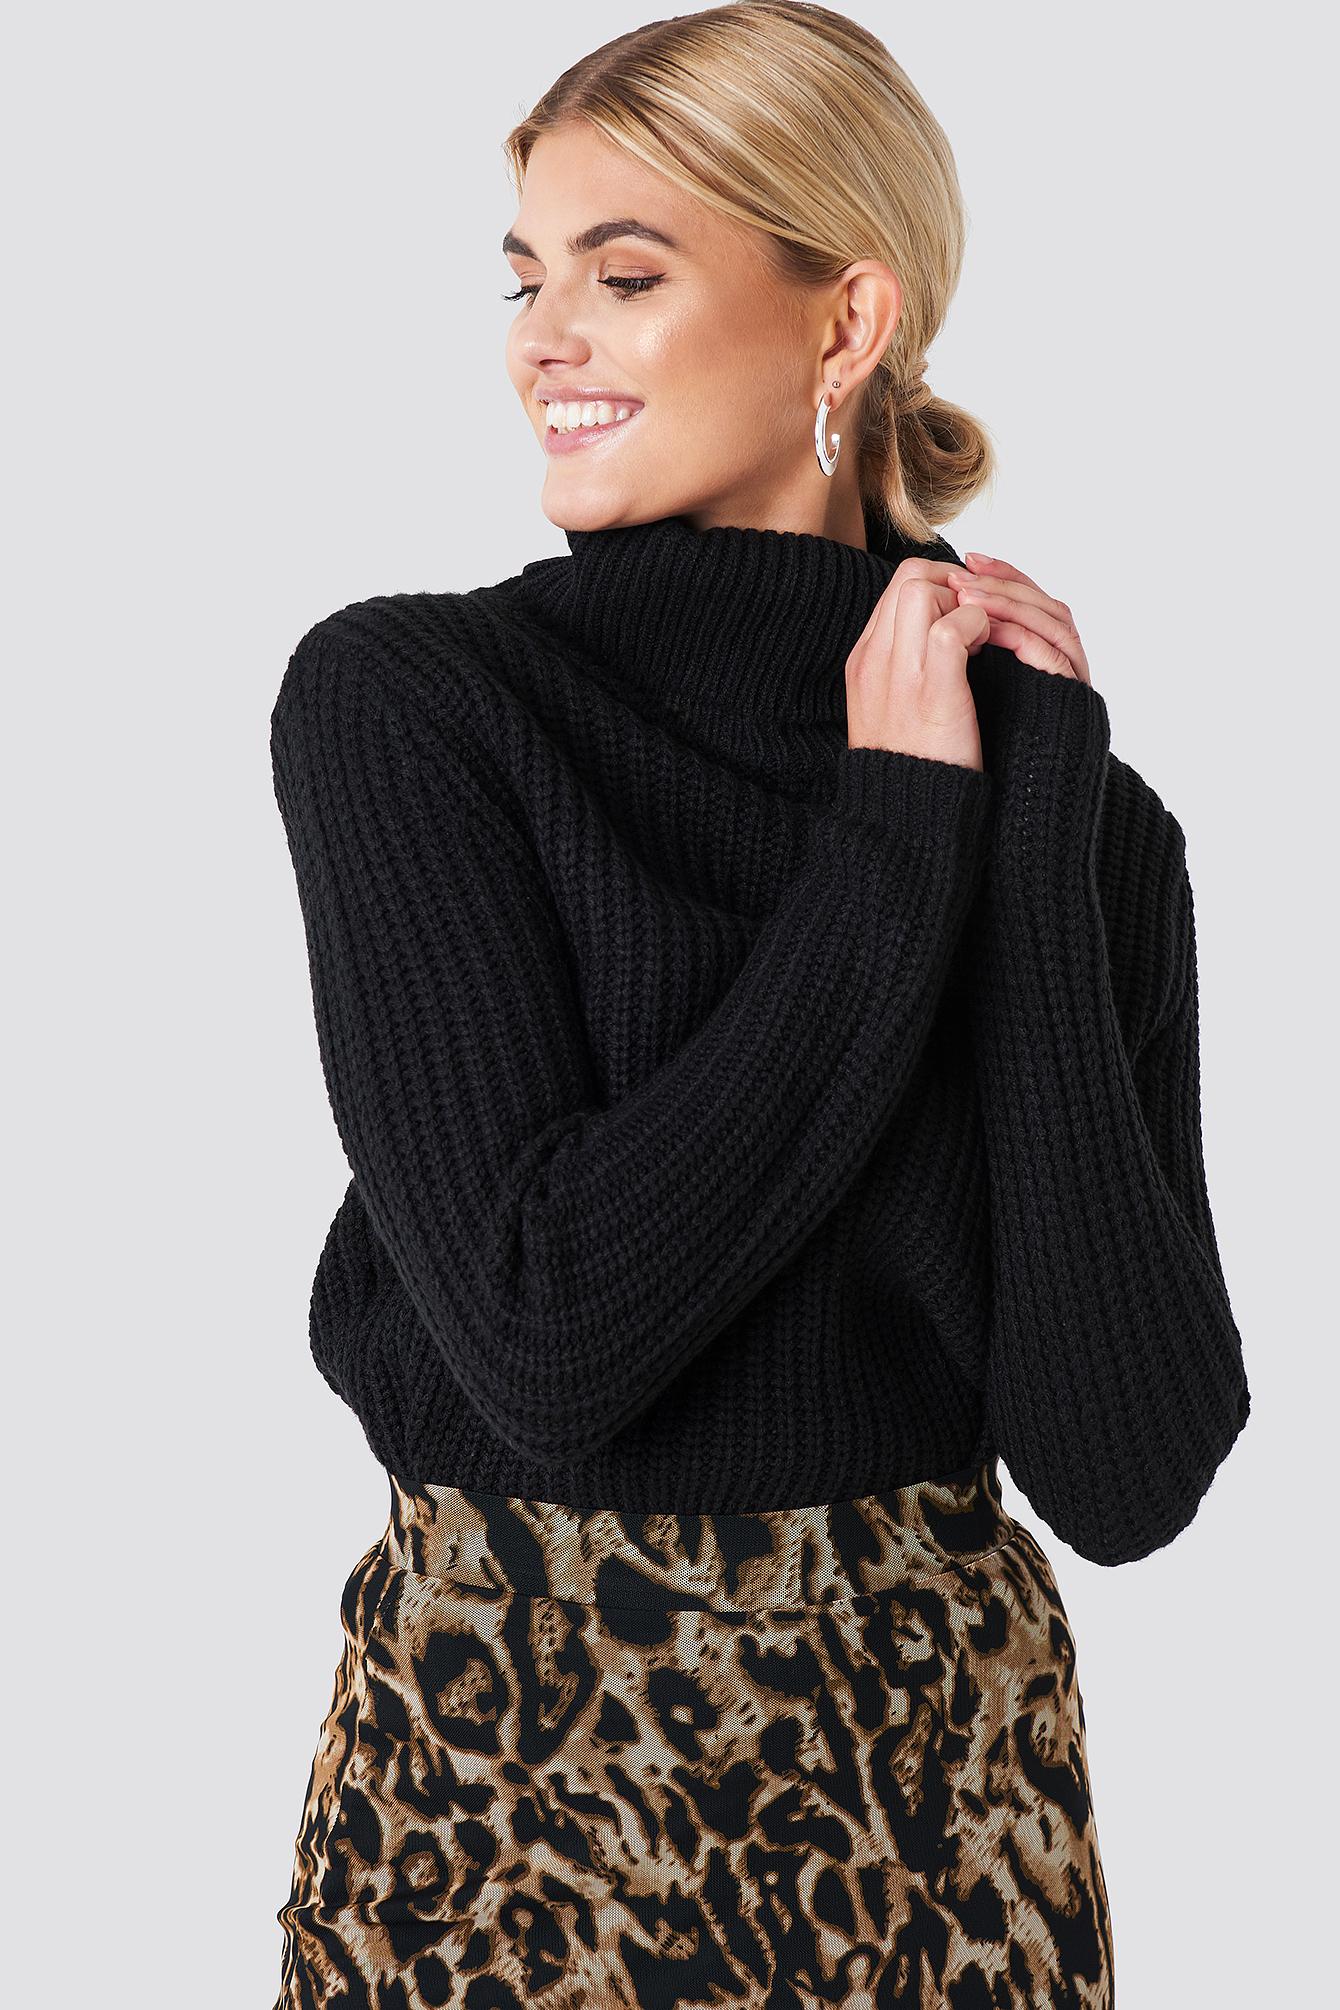 a57688fa Designet av Tina Hauglund Rut & Circle Tinelle sort genser – Mio Trend ...